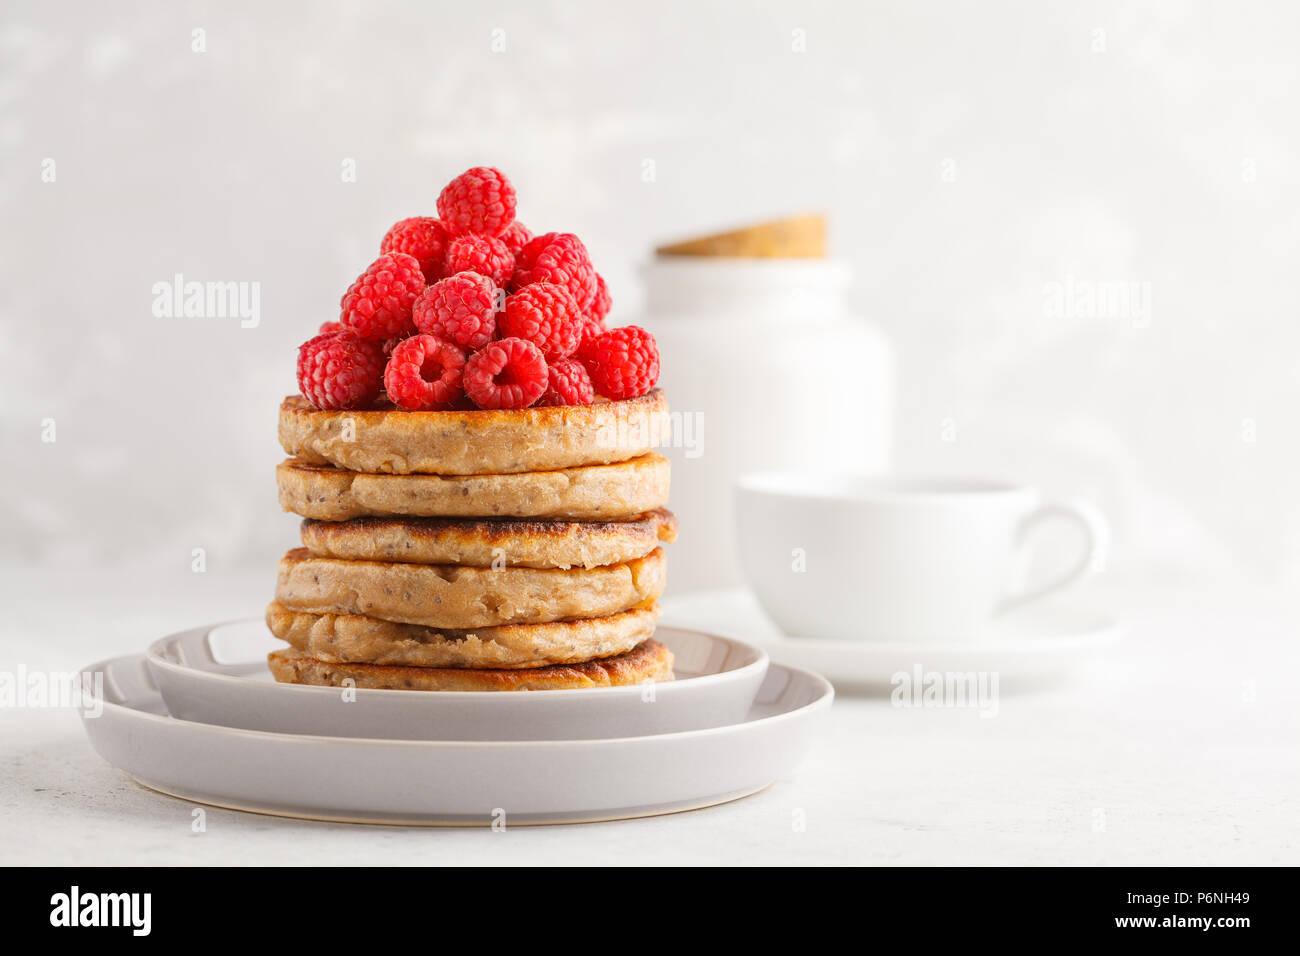 Crêpes végétaliennes de framboises et chia graines sur une assiette blanche, fond blanc. La nourriture végétalienne saine concept. Photo Stock